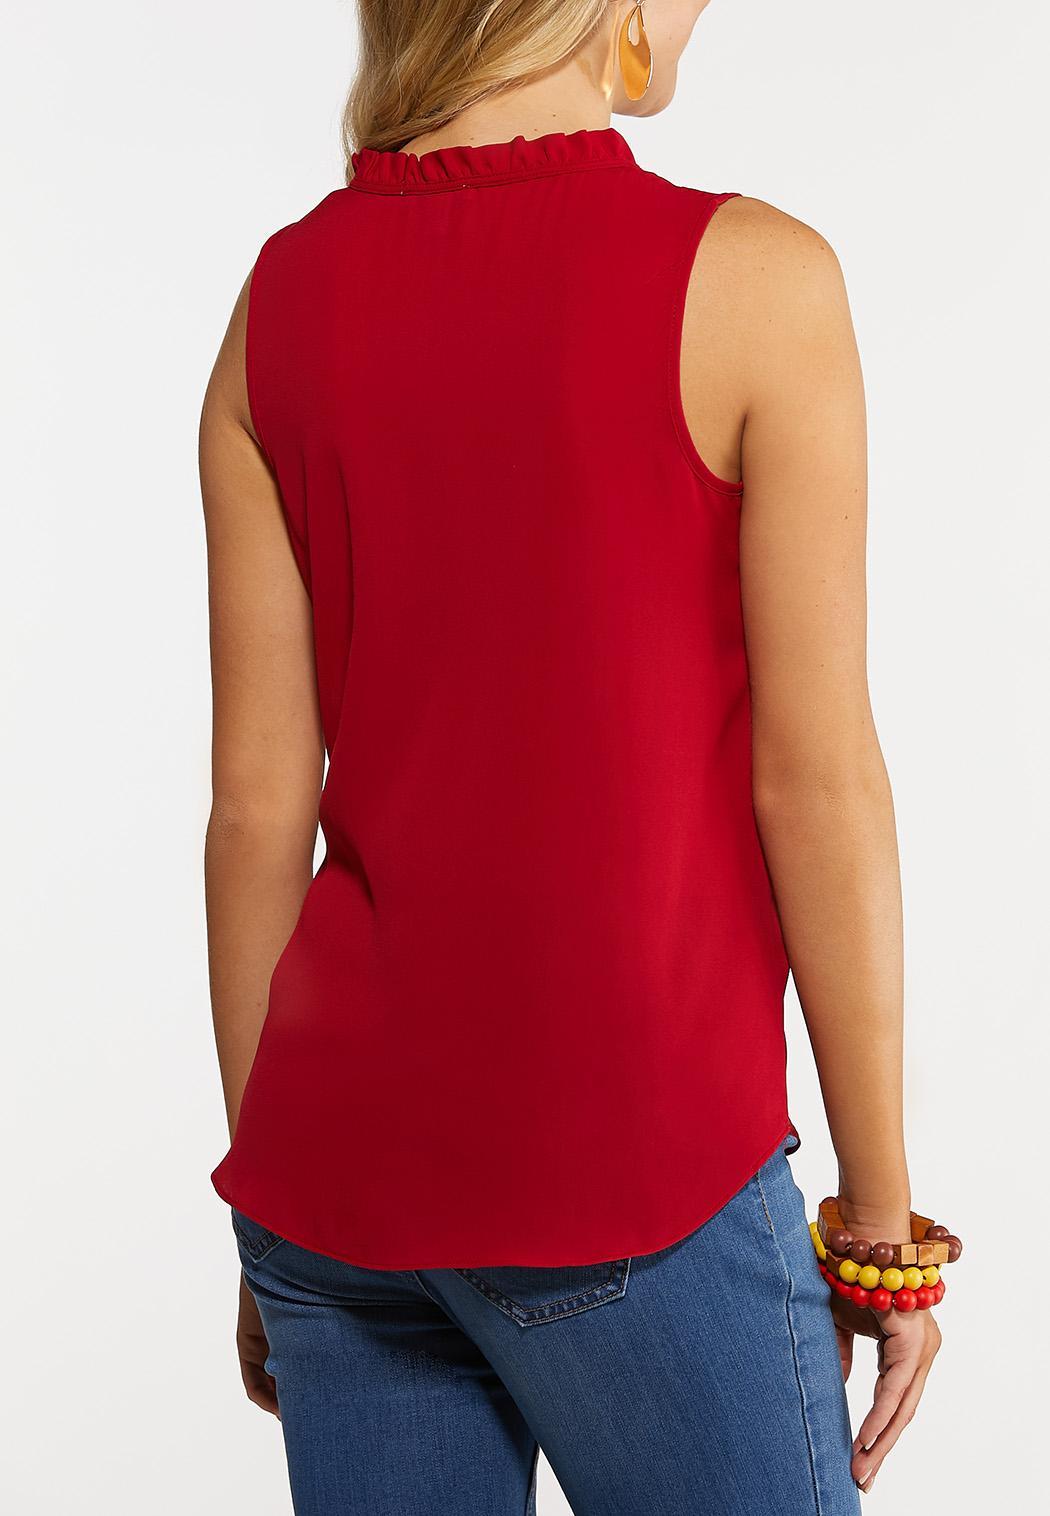 Ruffle V-Neck Sleeveless Top (Item #44265788)